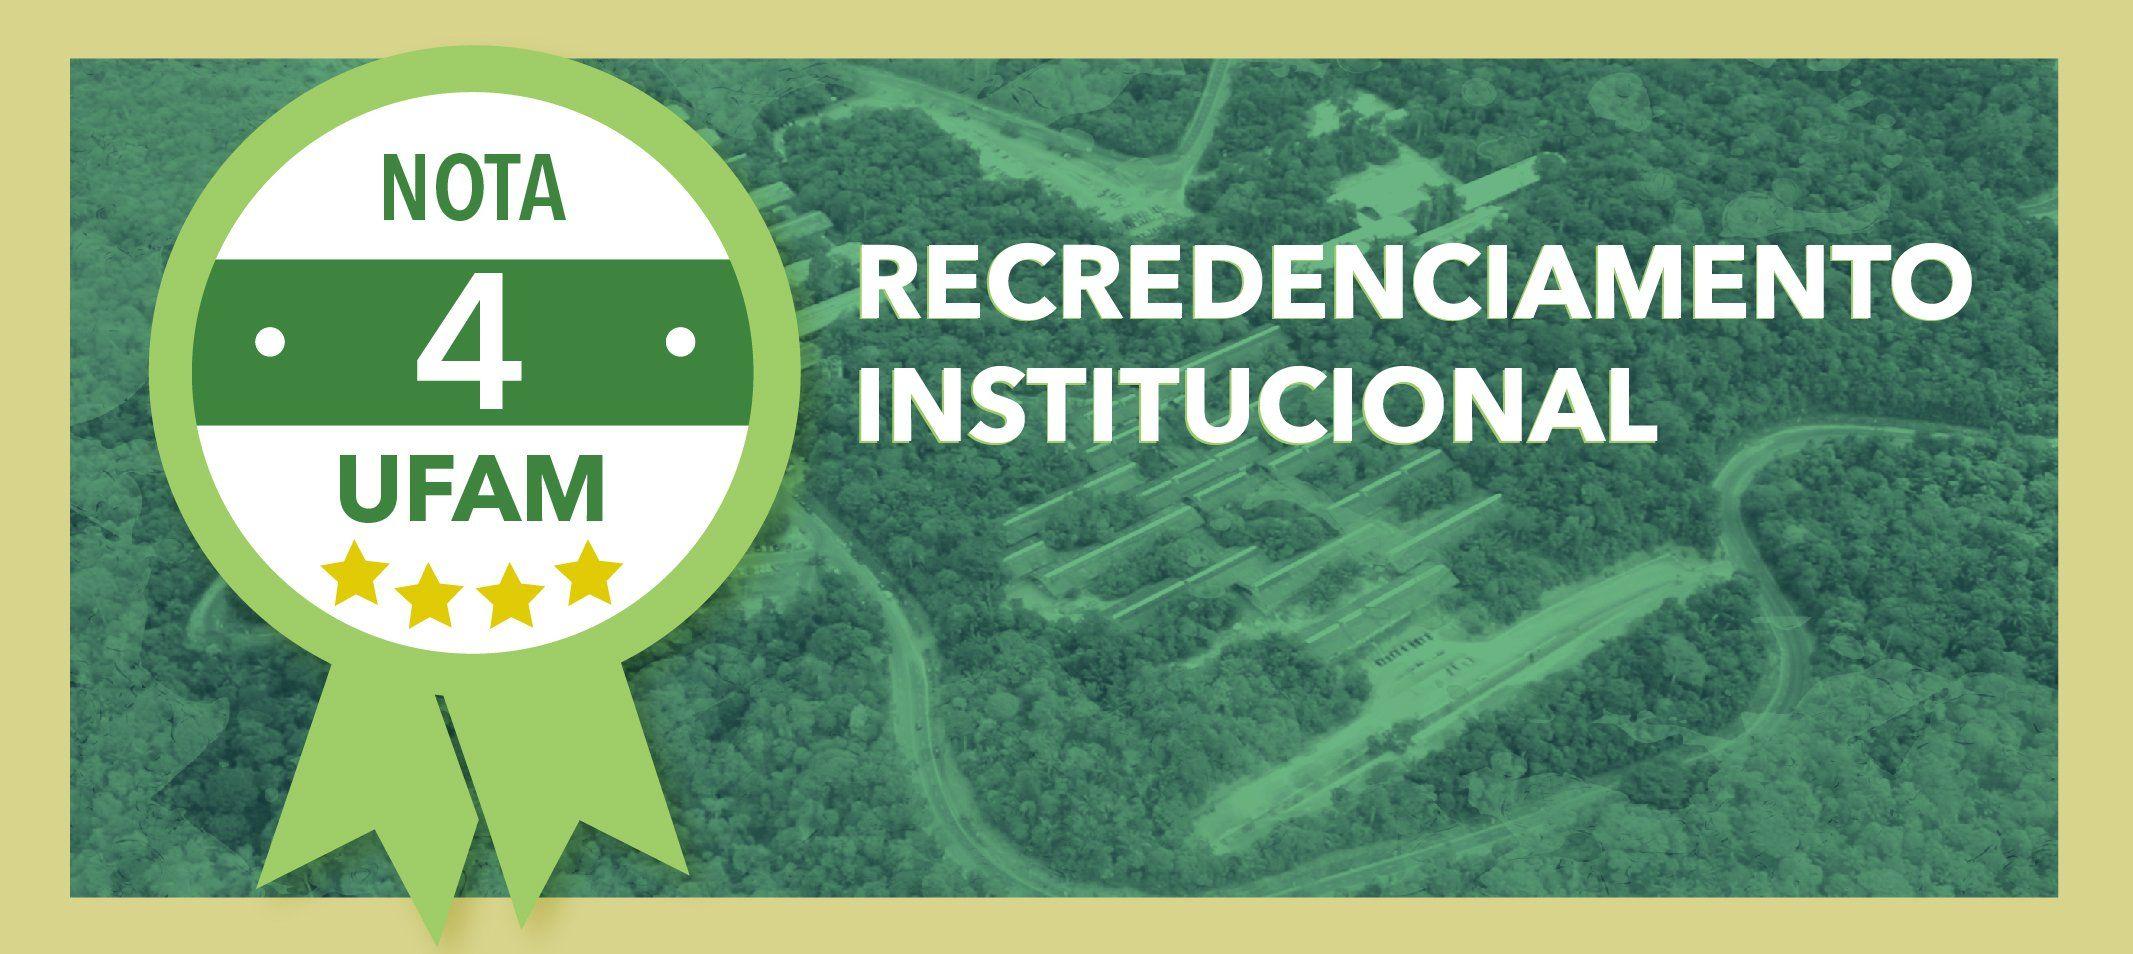 Ufam conquista o primeiro 4 no recredenciamento institucional do MEC